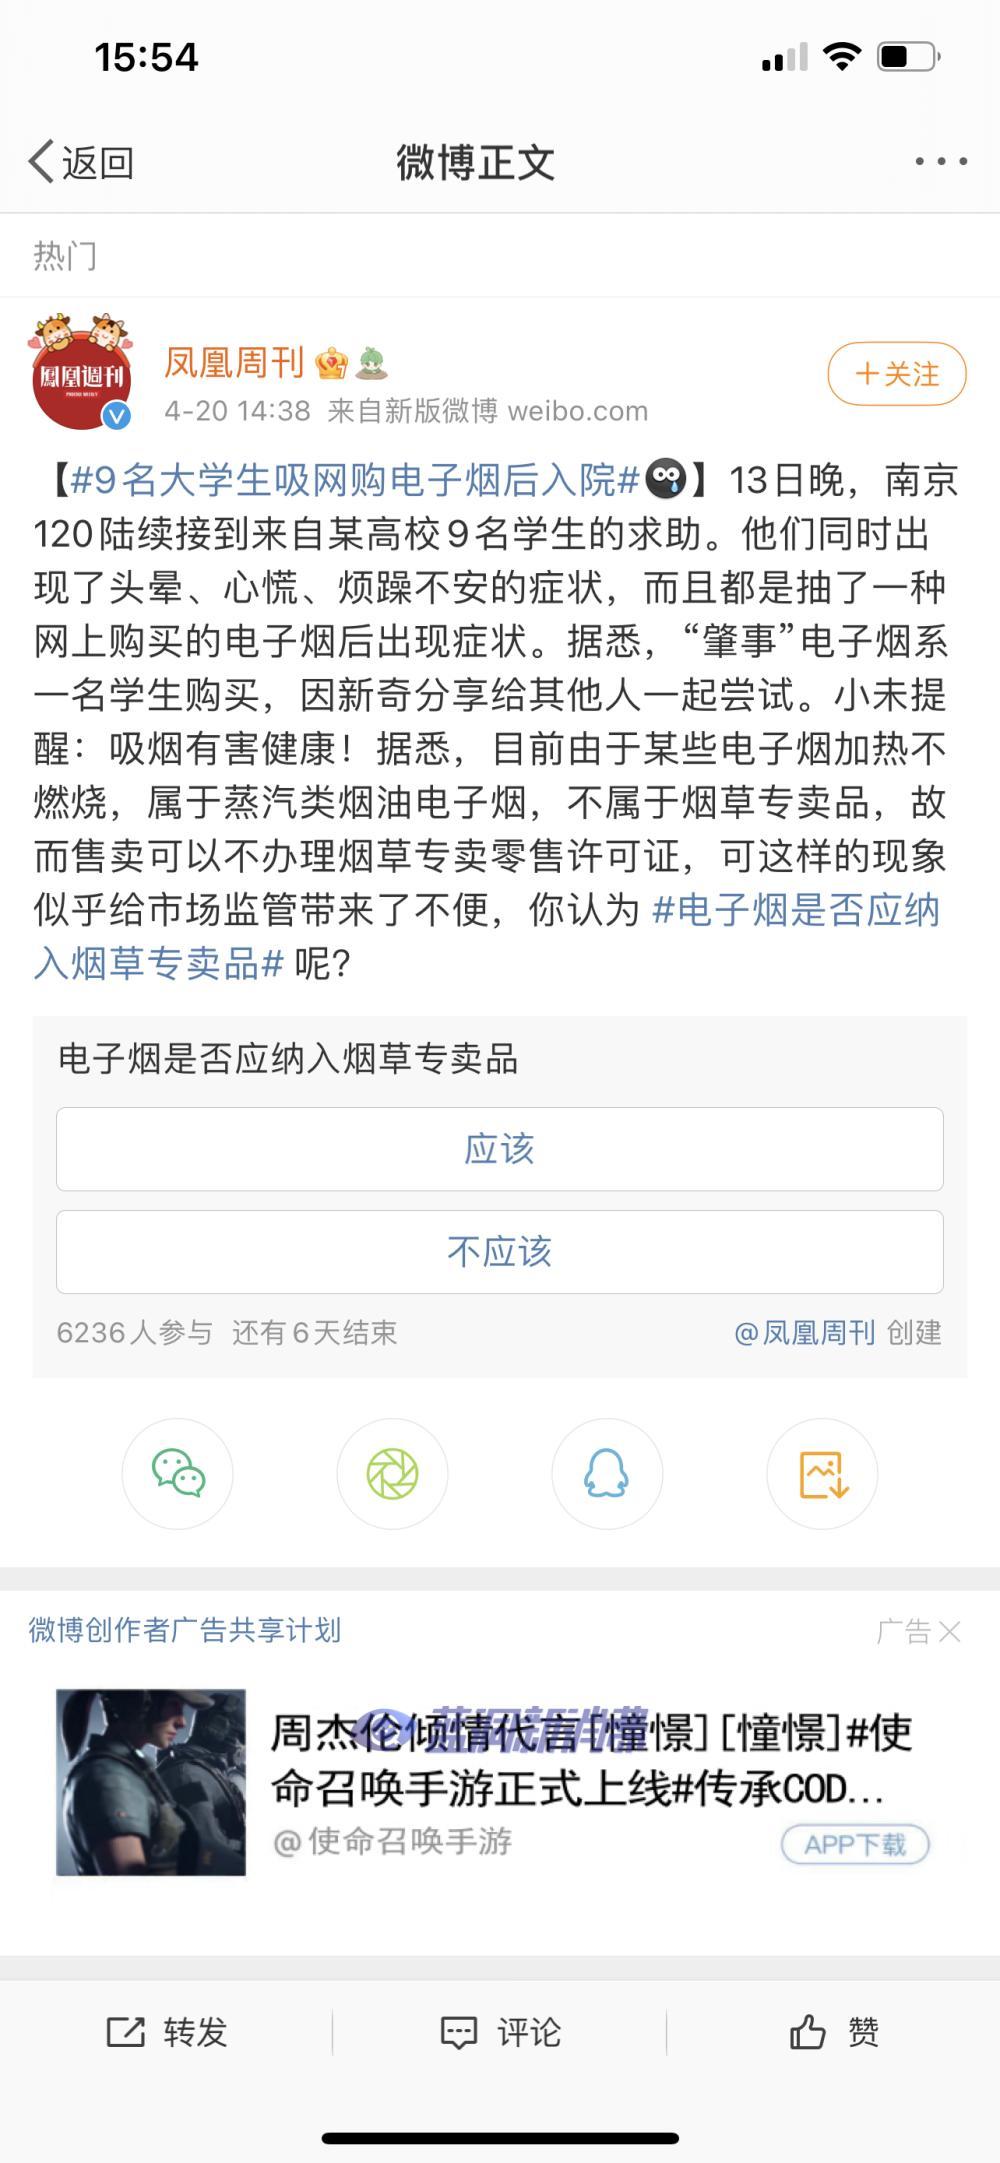 我们该如何正确解读南京9名学生吸电子烟深夜送医的新闻